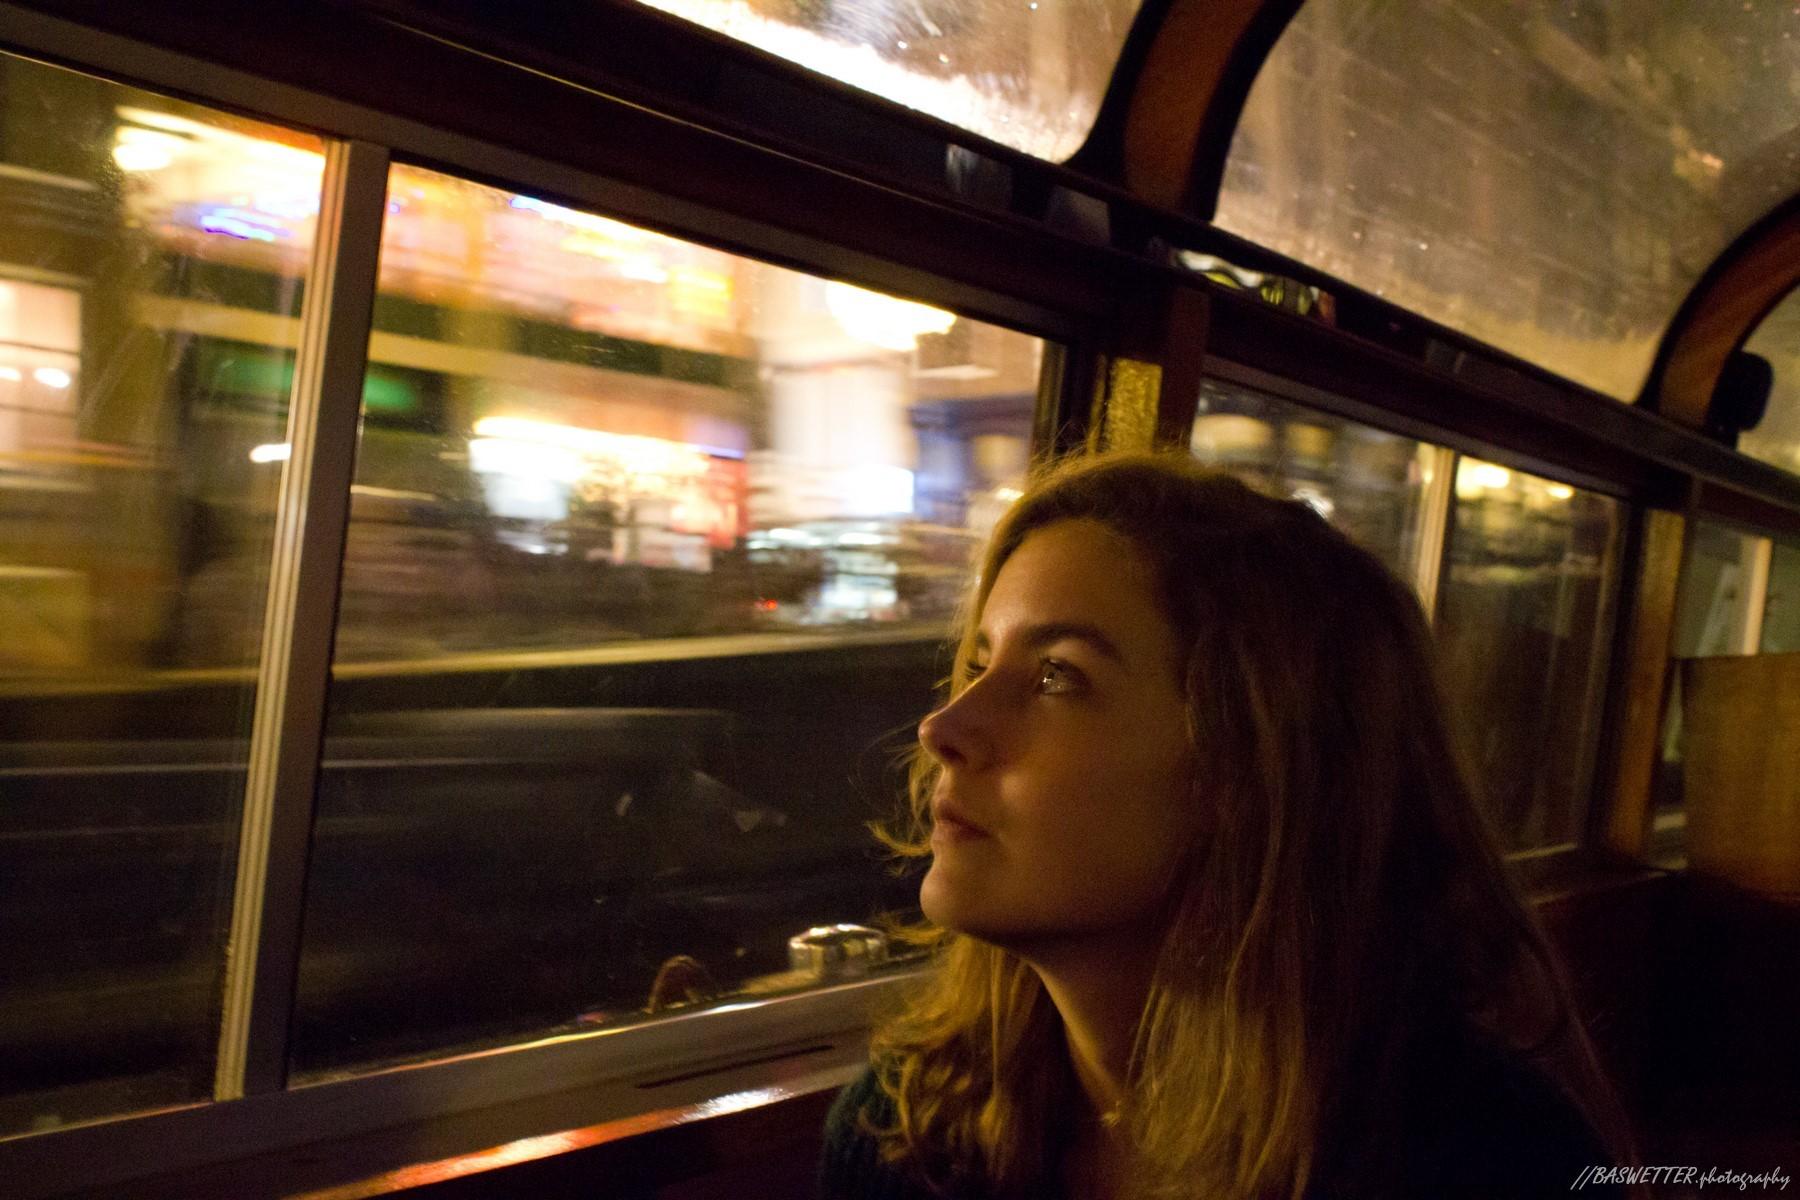 Avond portret van jonge vrouw in Amsterdamse rondvaartboot